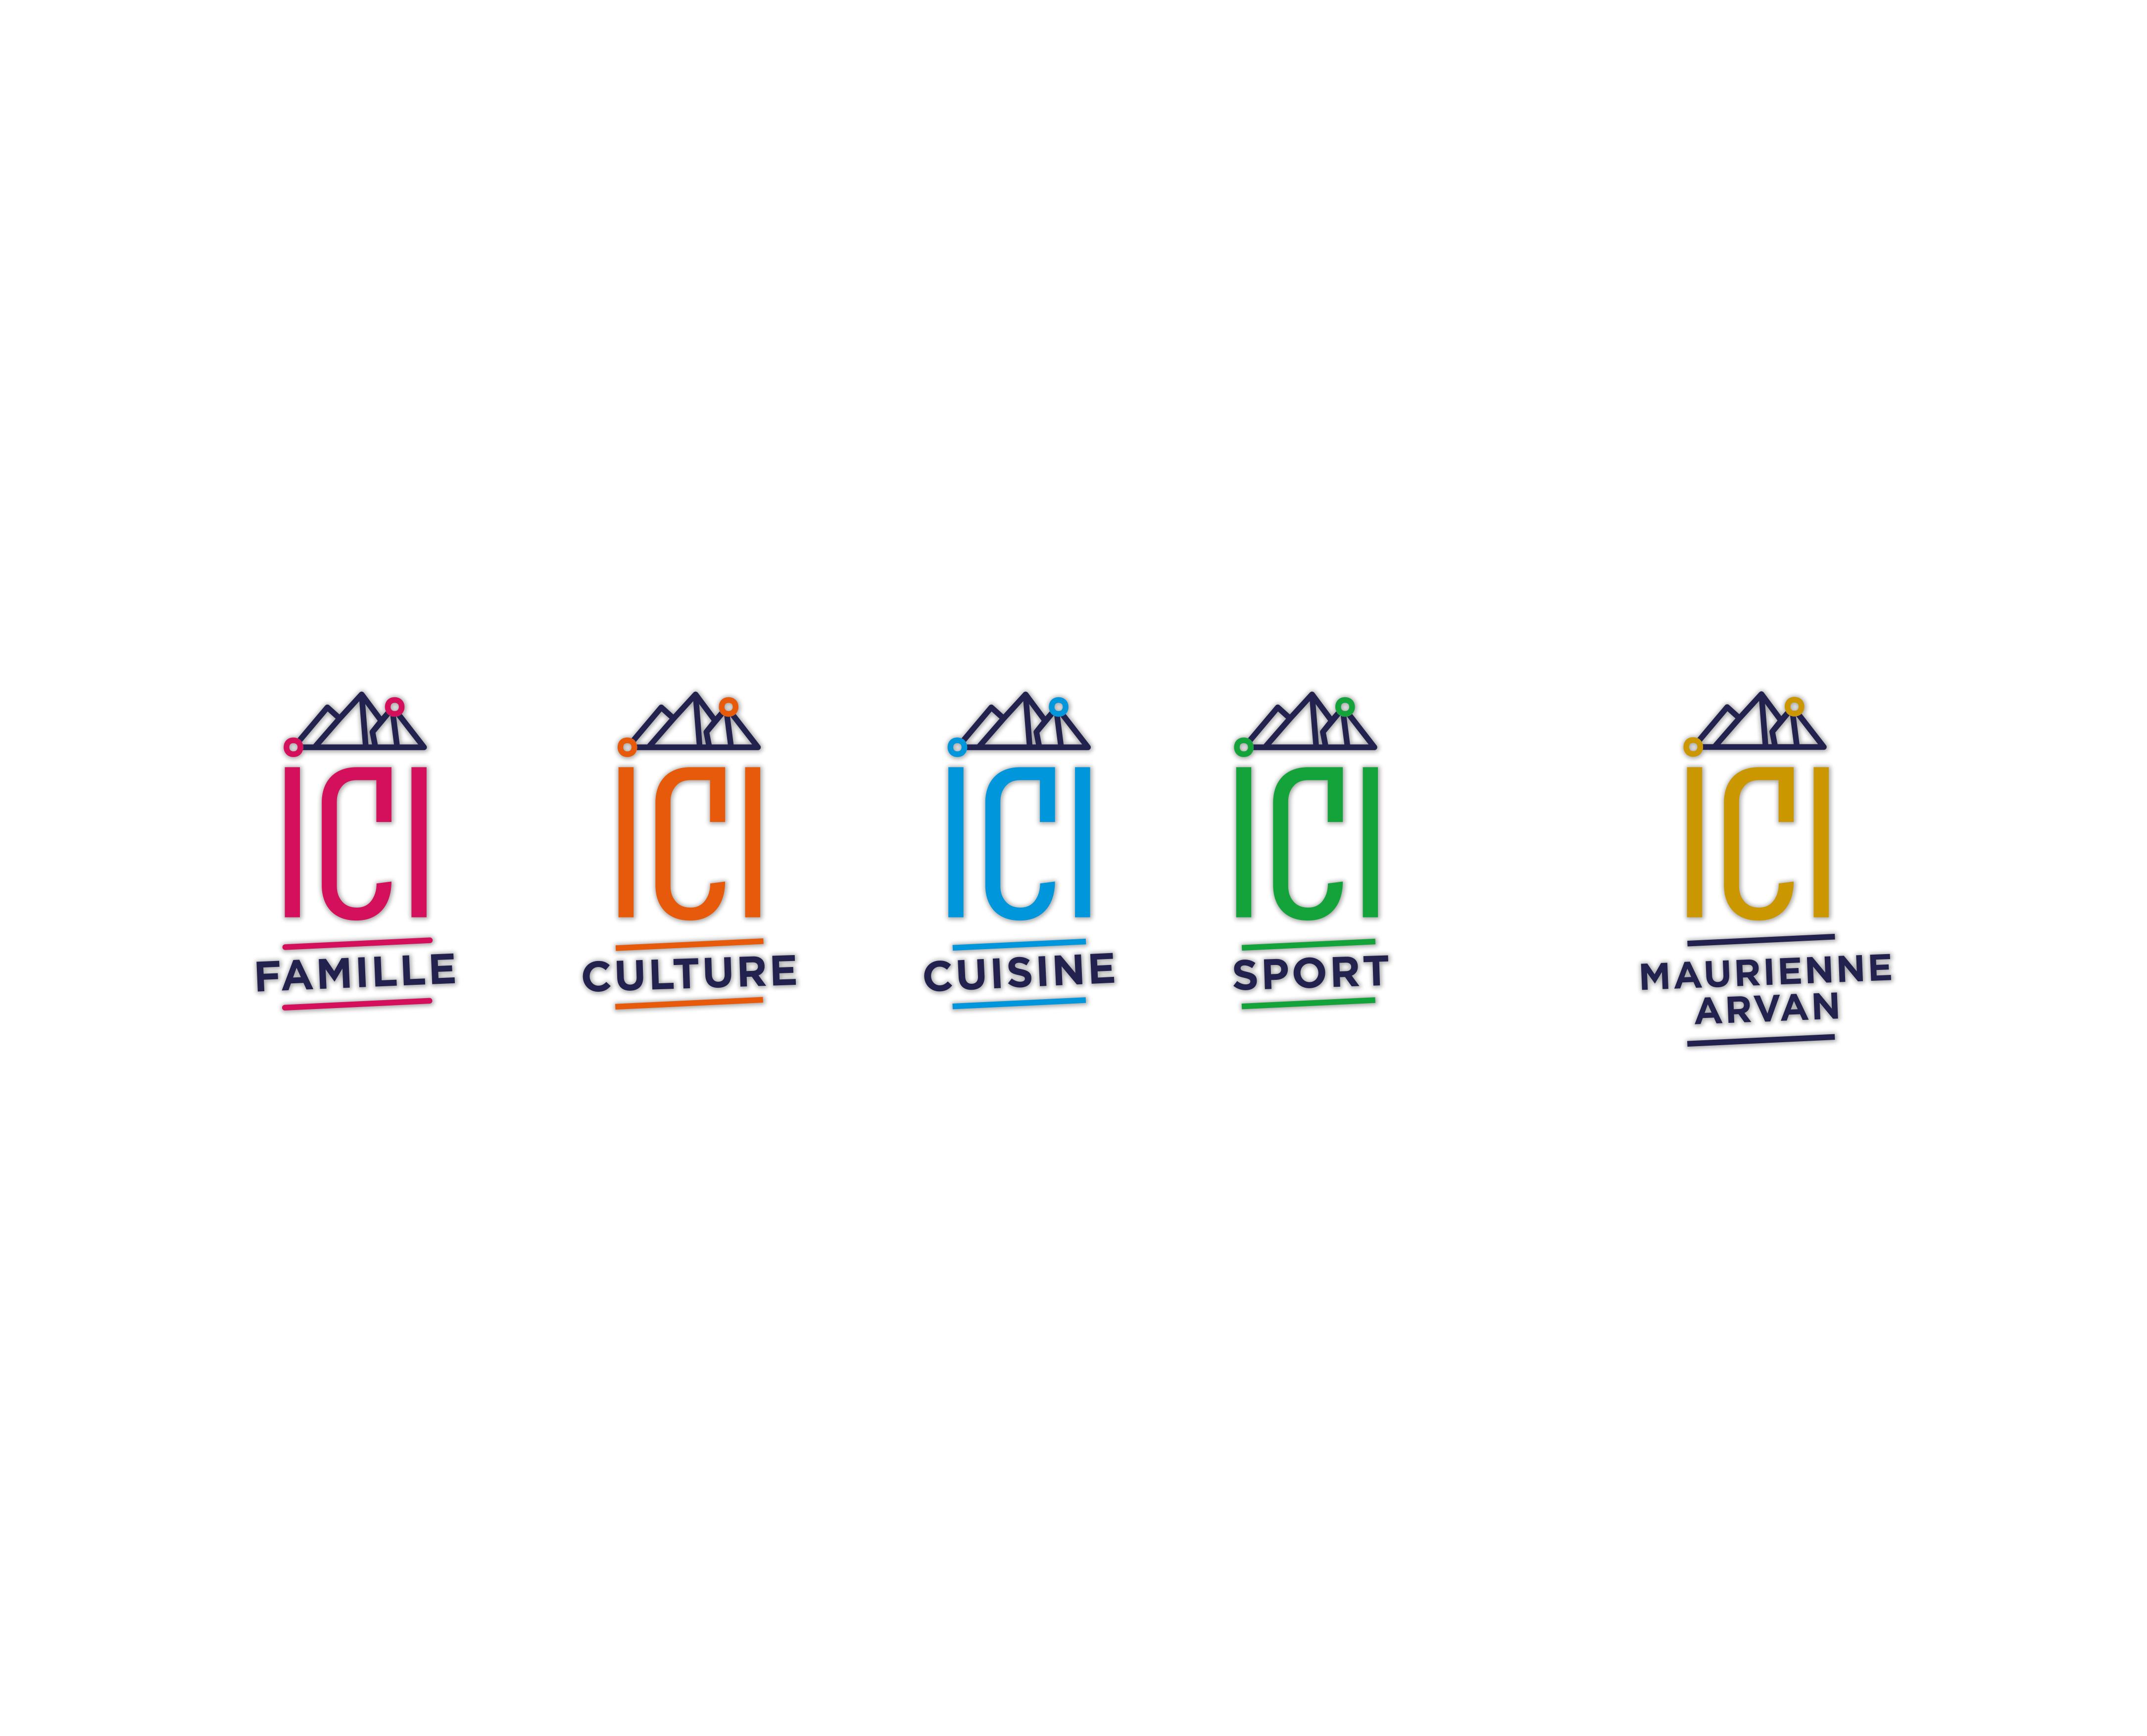 Creative Altitude - Agence Communication - Savoie - site-internet - logo - web - print - Identité visuelle Montagnicimes